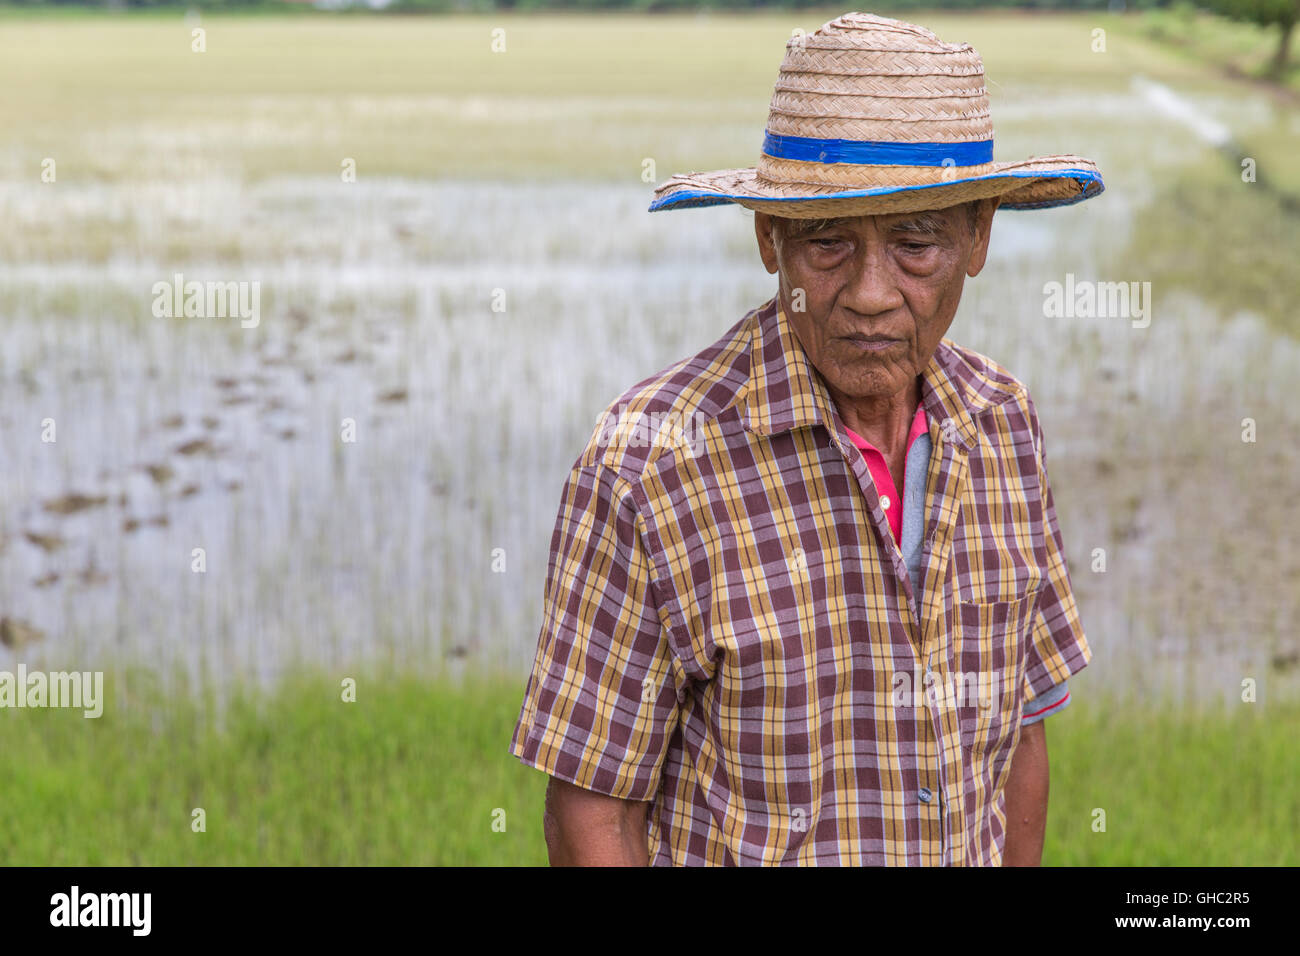 Personnes âgées du riz Thaï farmer portant un chapeau et regardant en bas avec une rizière en Photo Stock